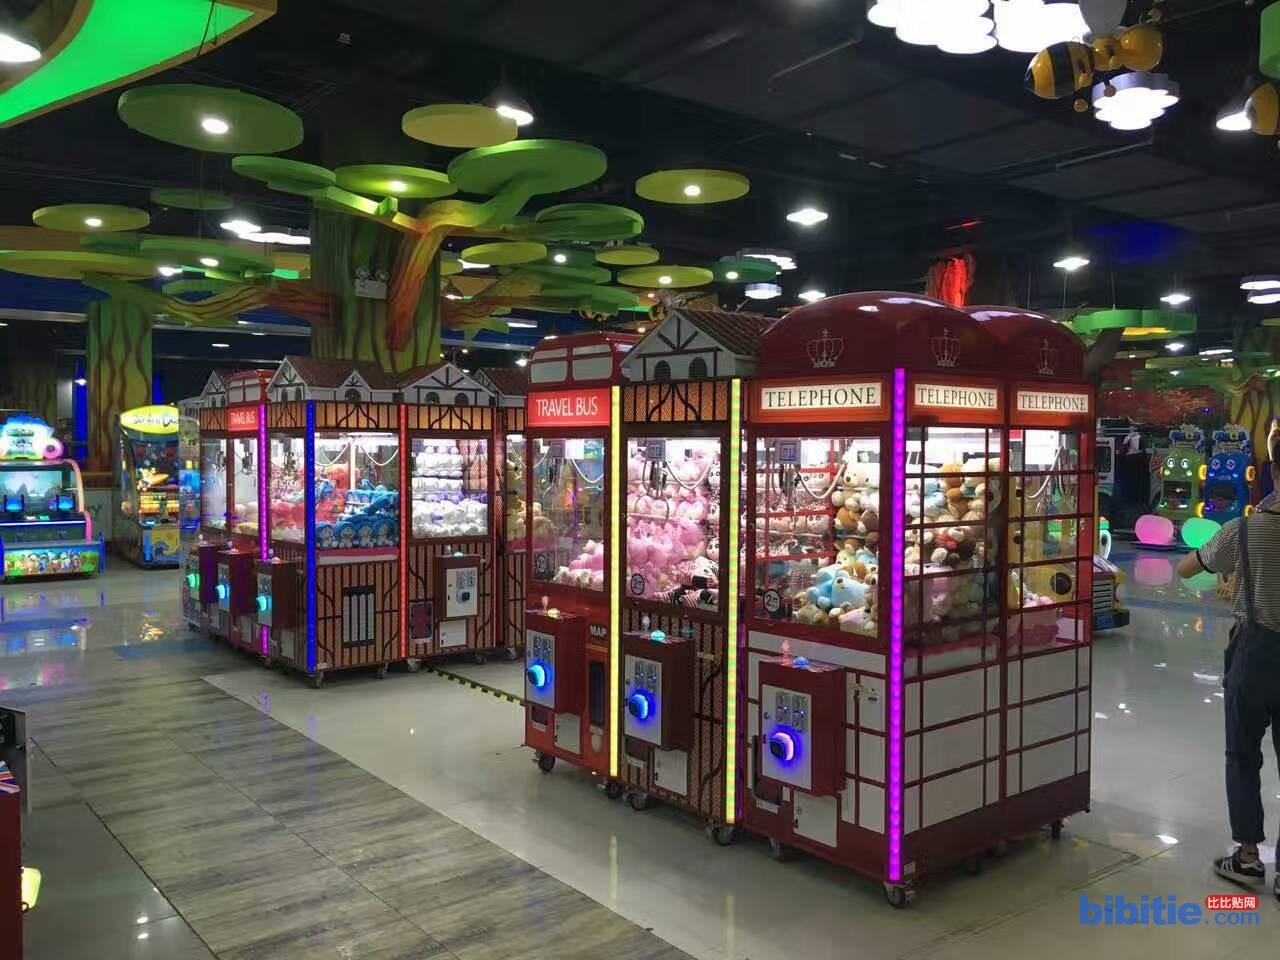 娃娃机厂家直销  英伦风娃娃机 慧儿星动漫游戏机厂家夹娃娃机夹公仔机图片